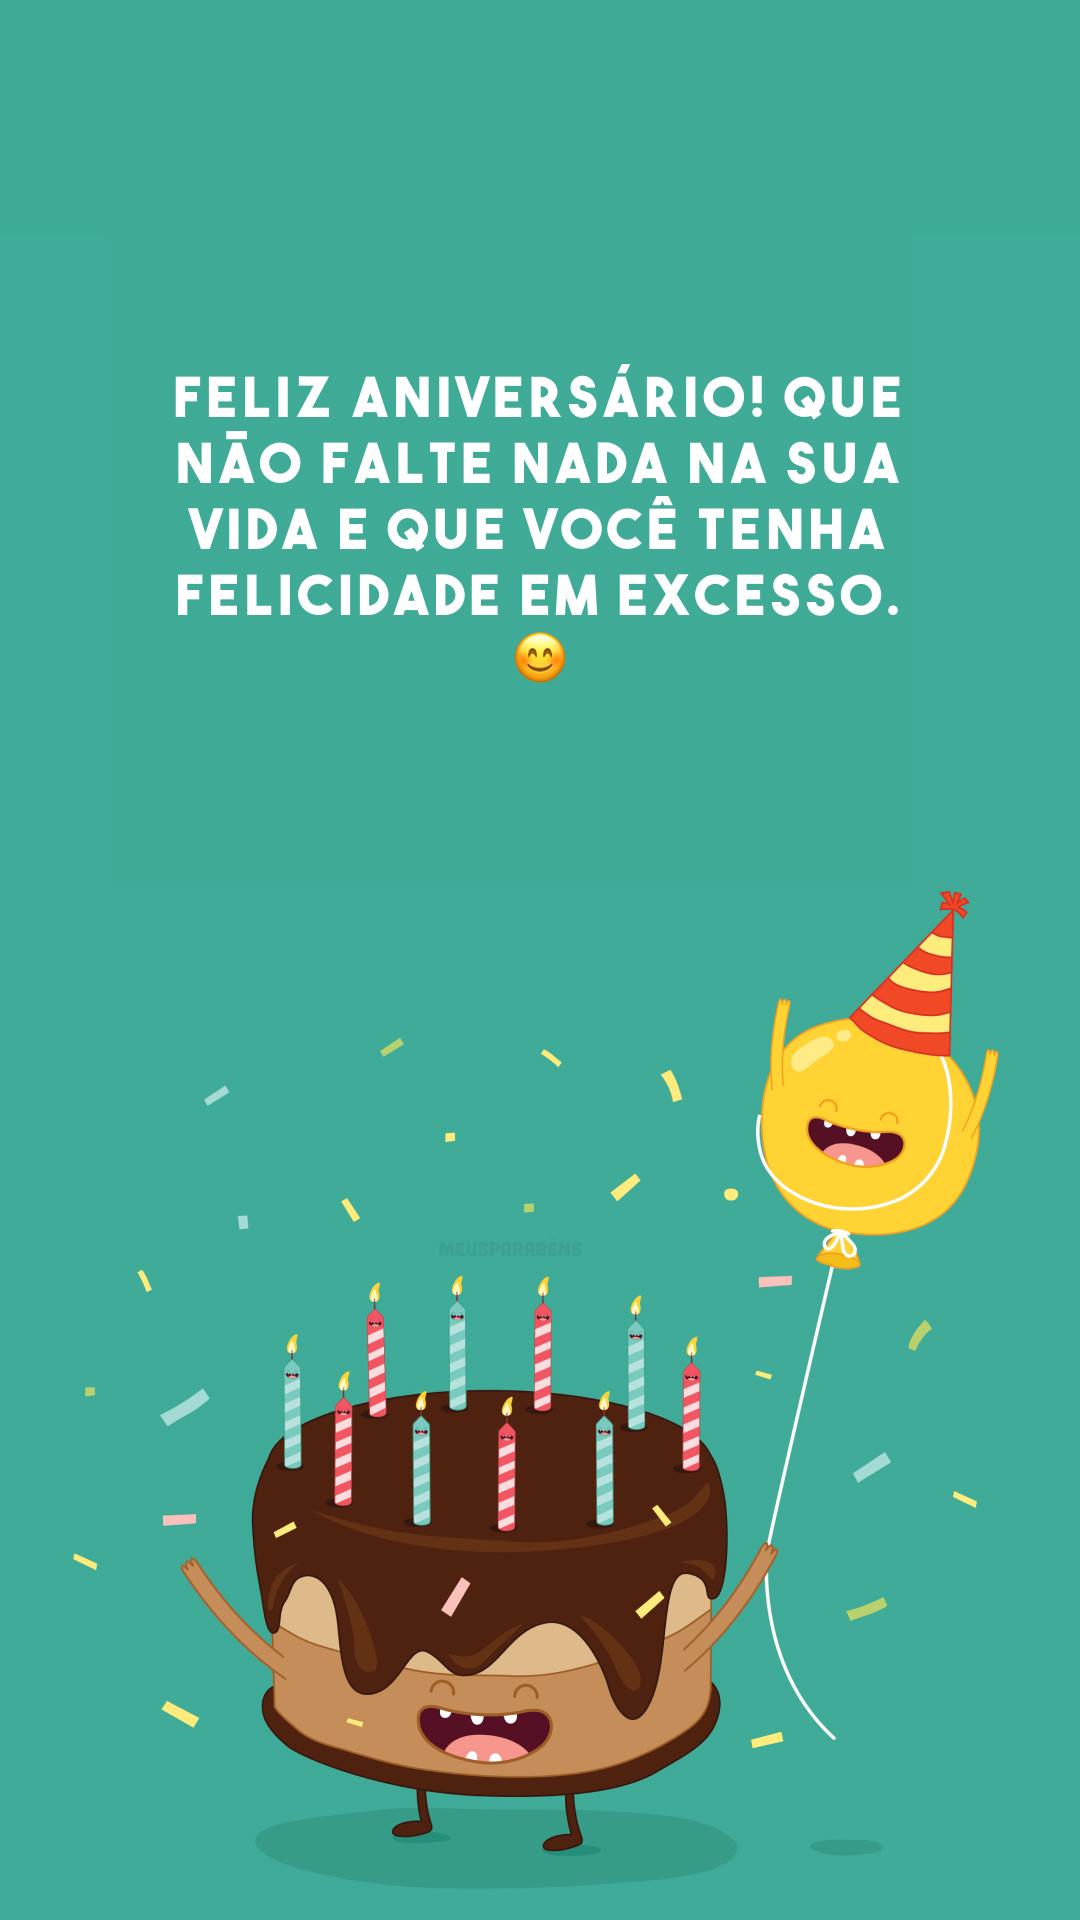 Feliz aniversário! Que não falte nada na sua vida e que você tenha felicidade em excesso. 😊